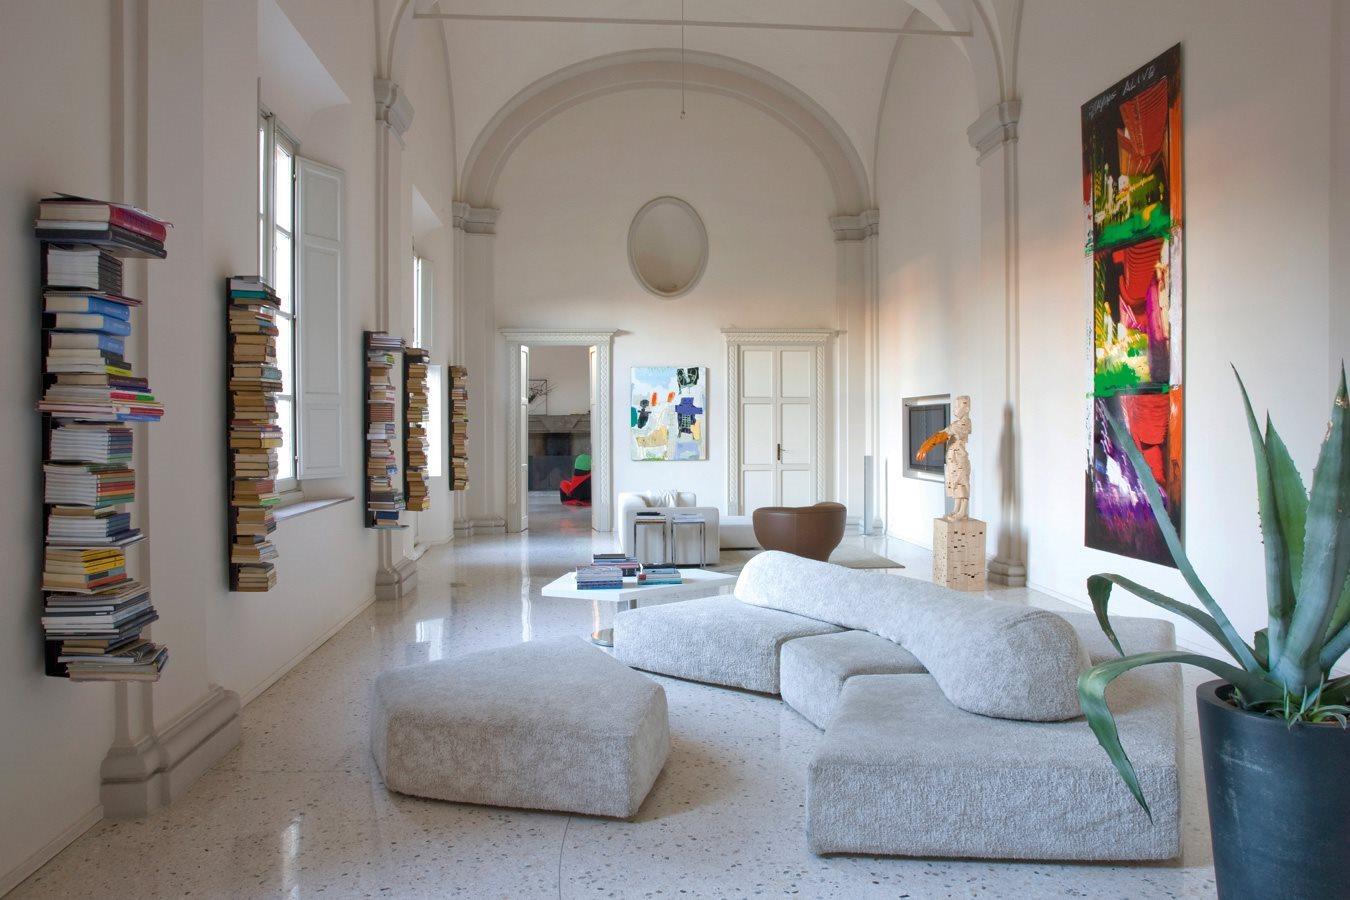 أريكة عصرية غريبة 6 الراحة والعصرية في تصميمات أرائك غريبة وغير تقليدية